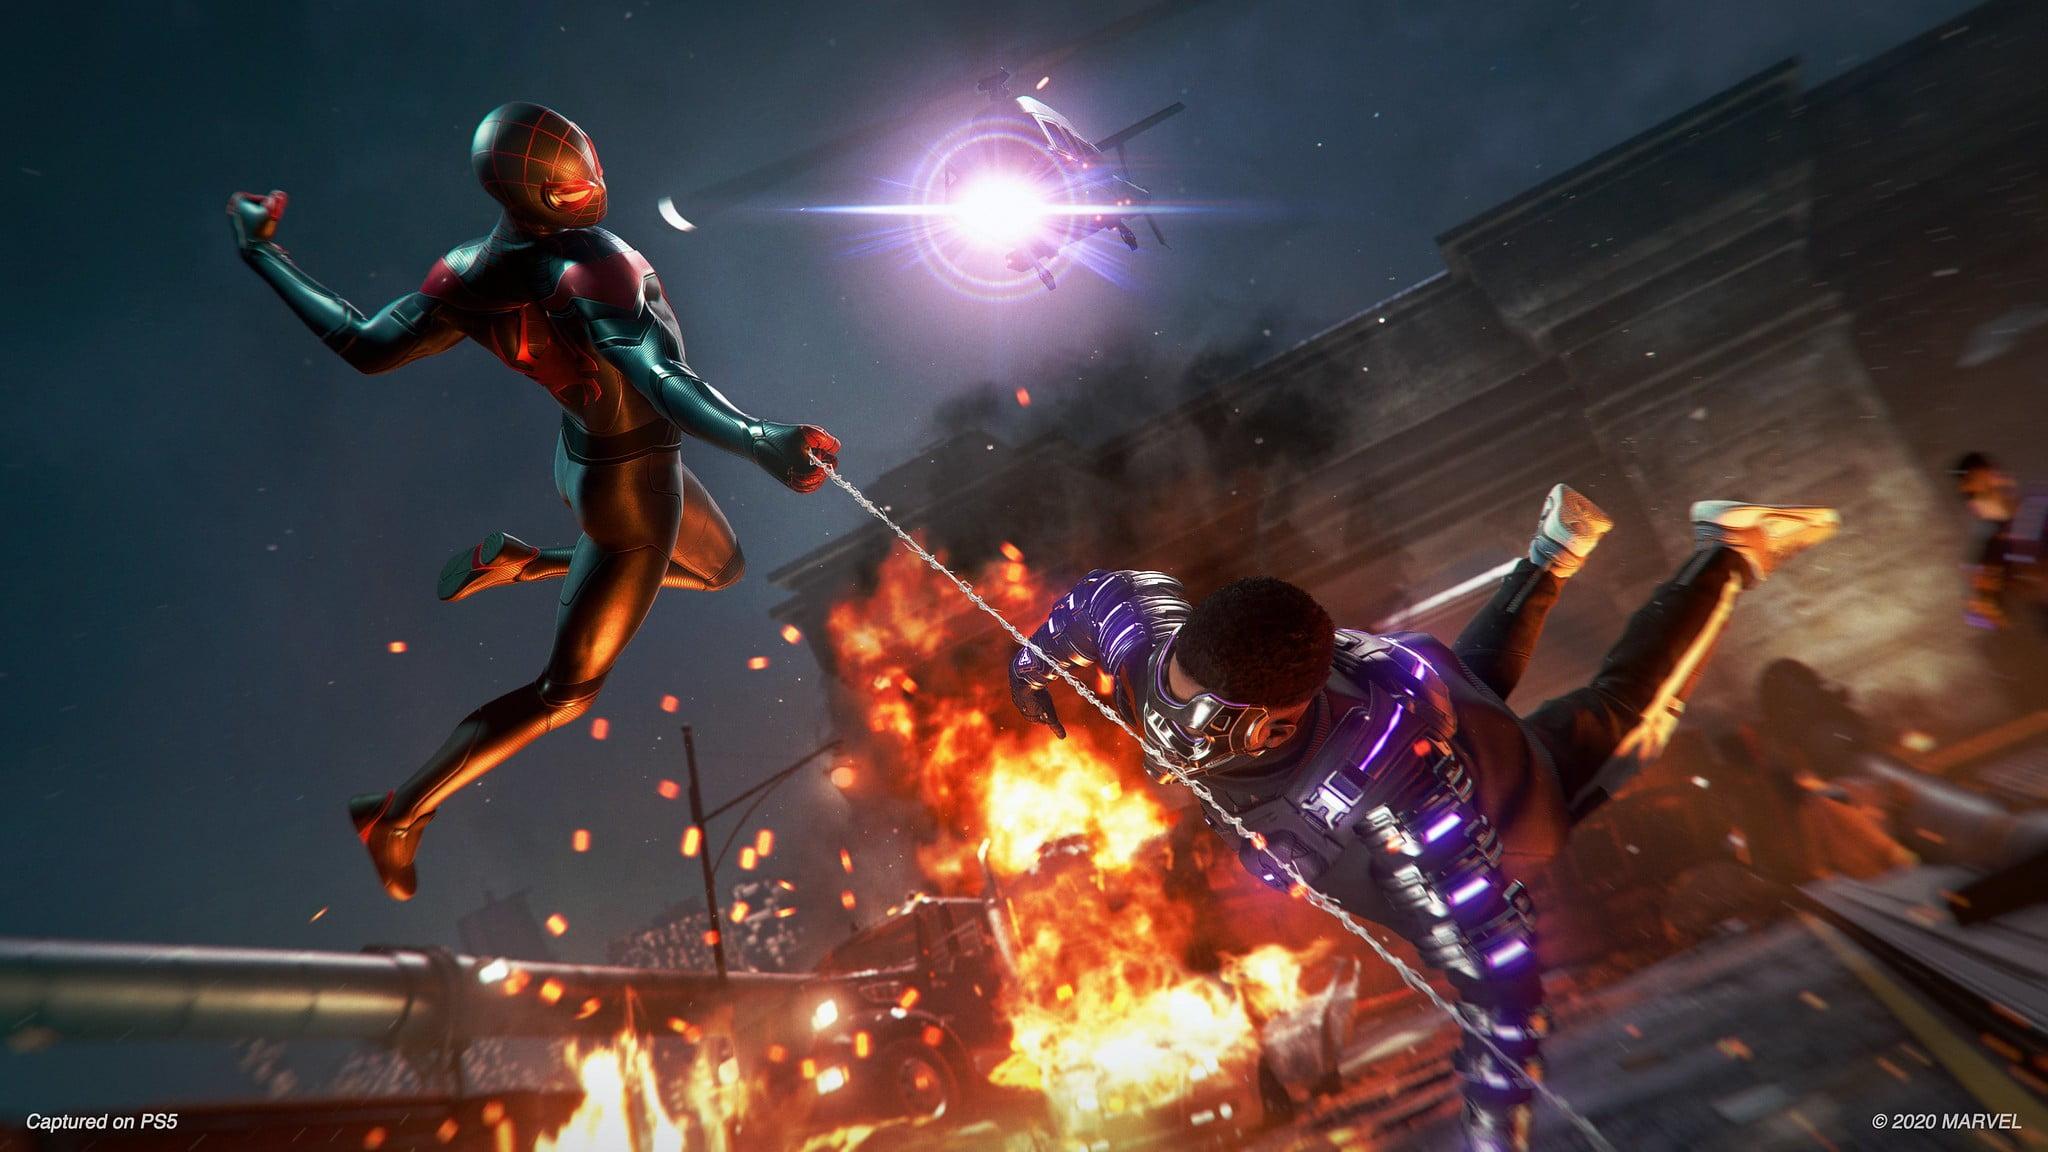 En tous cas, le jeu est magnifique. Sur PS4, PS4 Pro comme sur PS5 !